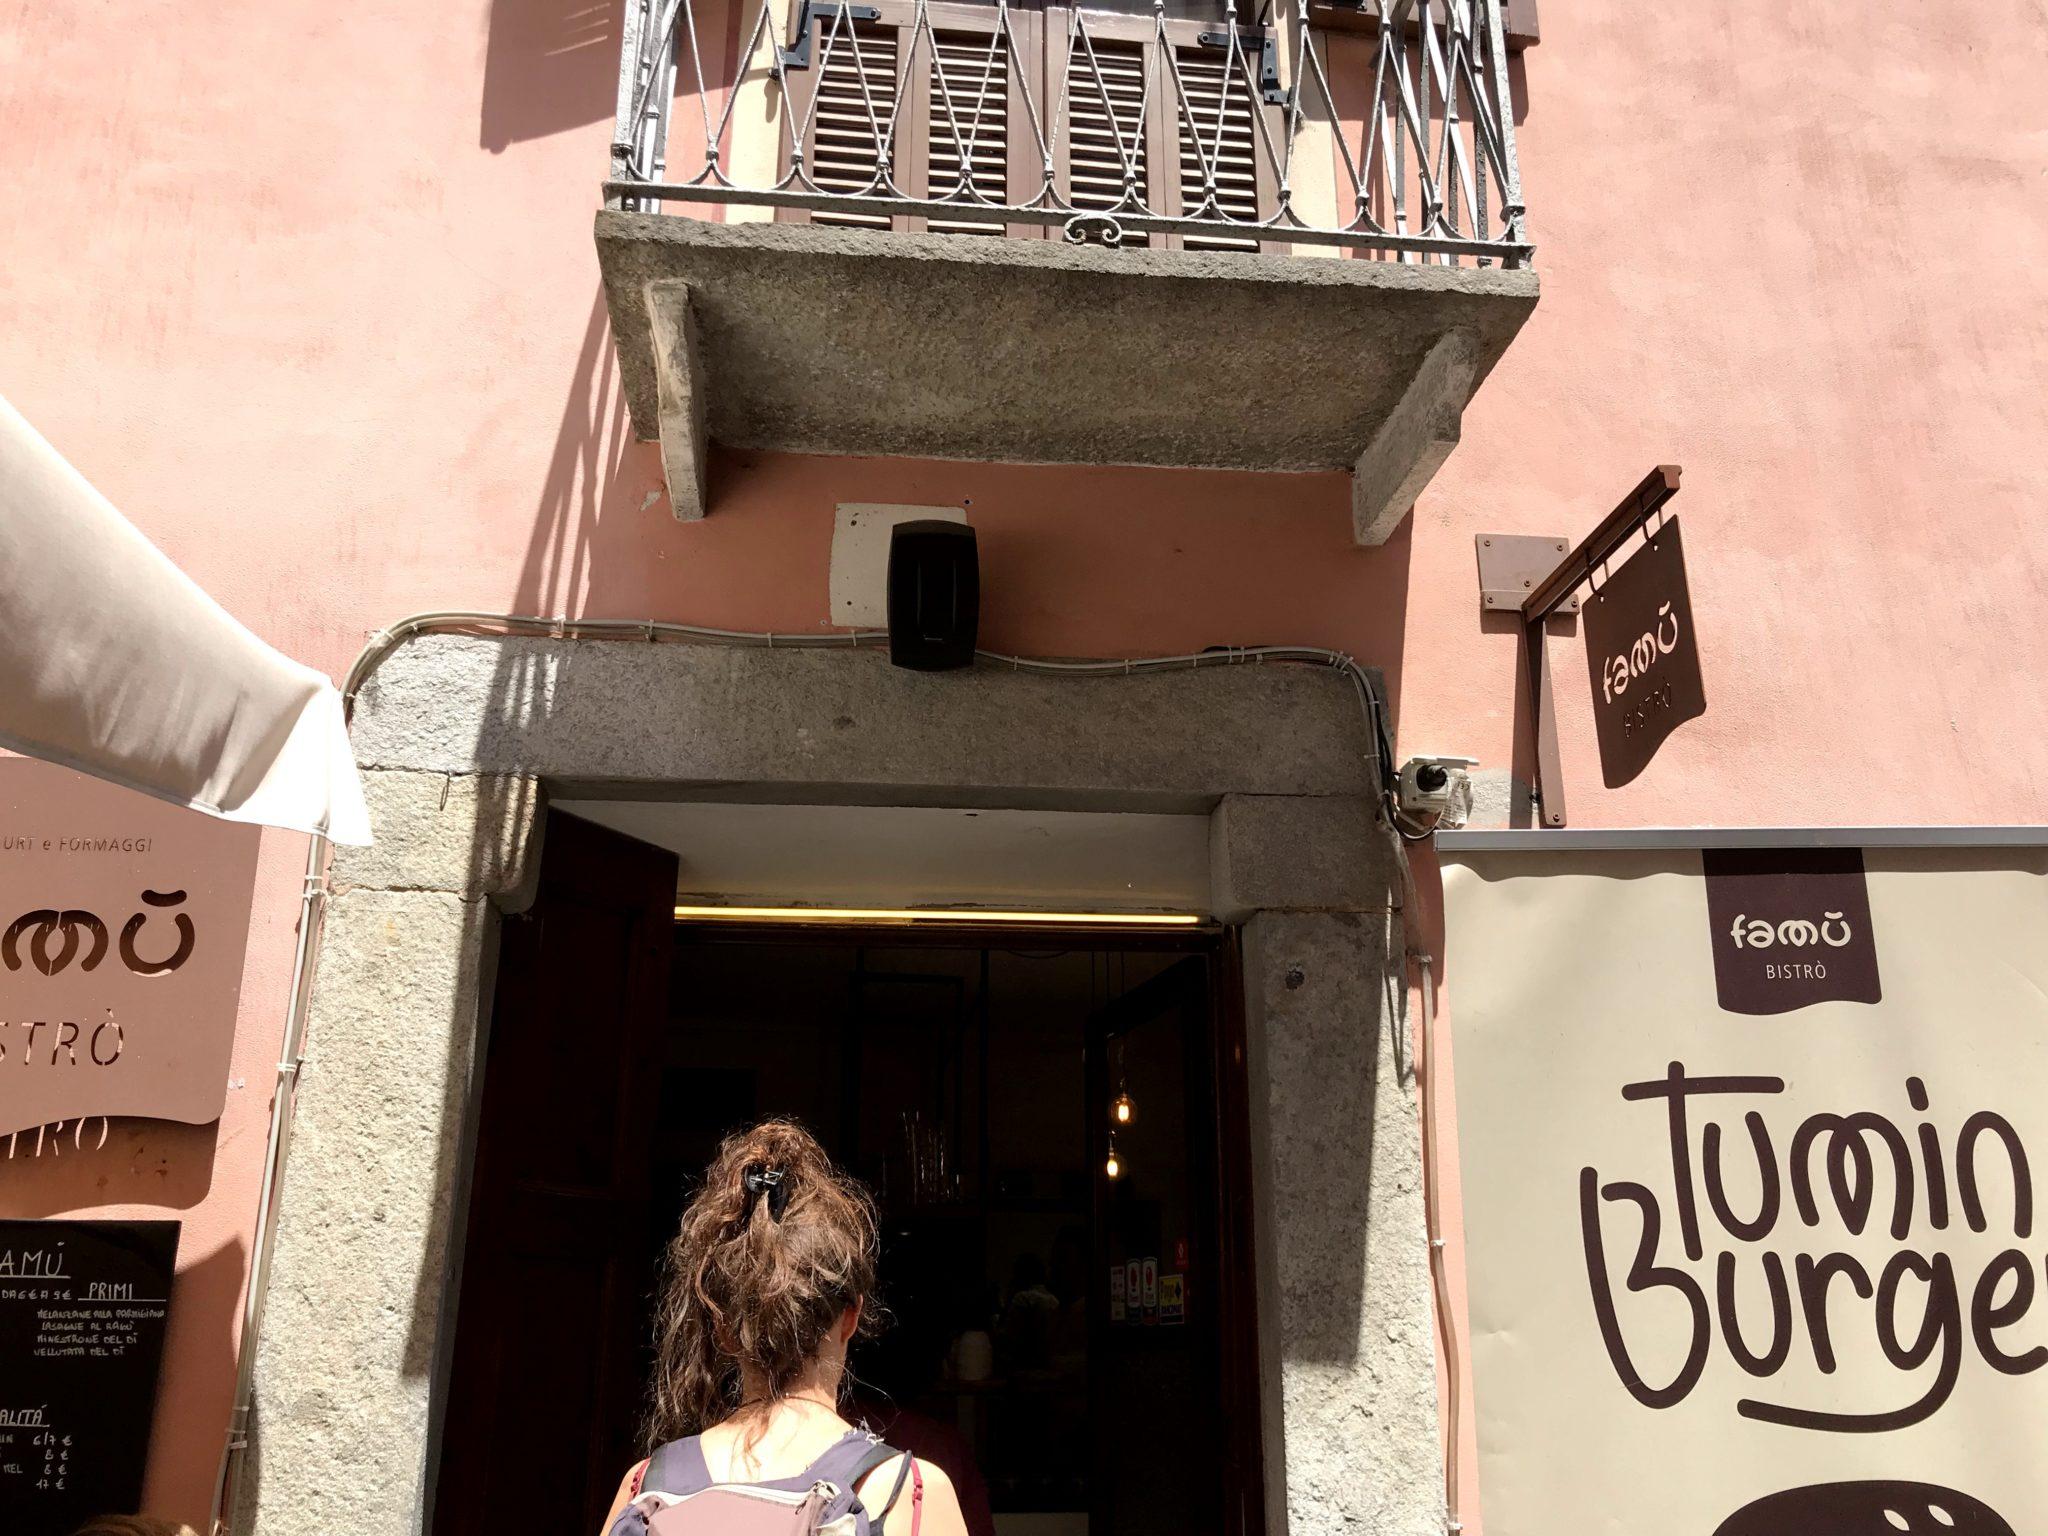 Nello è il proprietario della libreria indipendente dell'Acciuga. Ci accompagna in un giro fra osterie, bistrot, birrerie e panorami della città